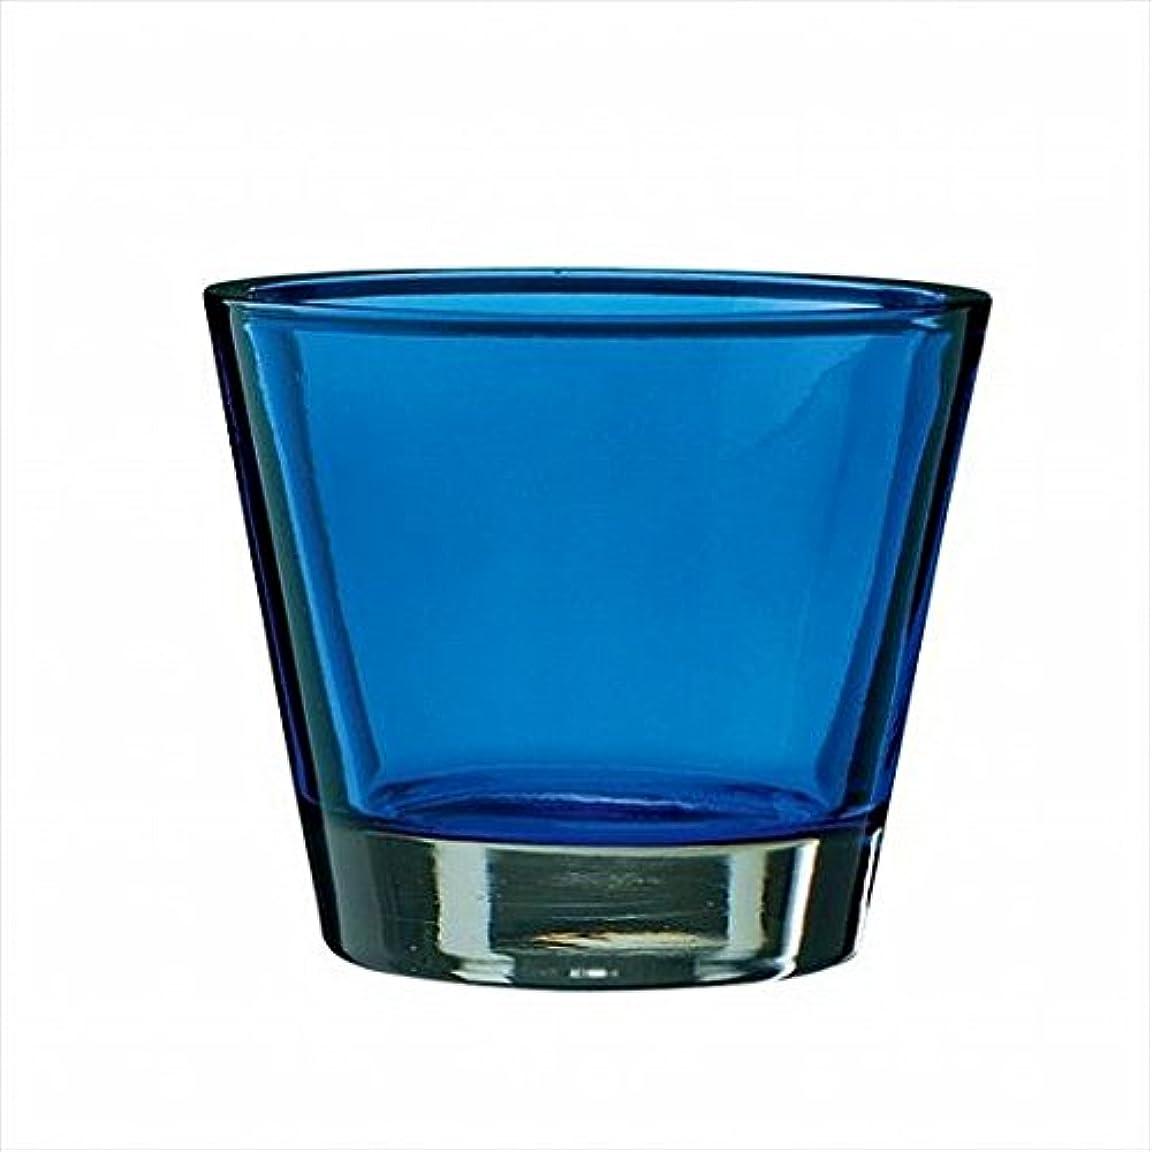 貫入知事討論kameyama candle(カメヤマキャンドル) カラリス 「 ブルー 」 キャンドル 82x82x70mm (J2540000B)